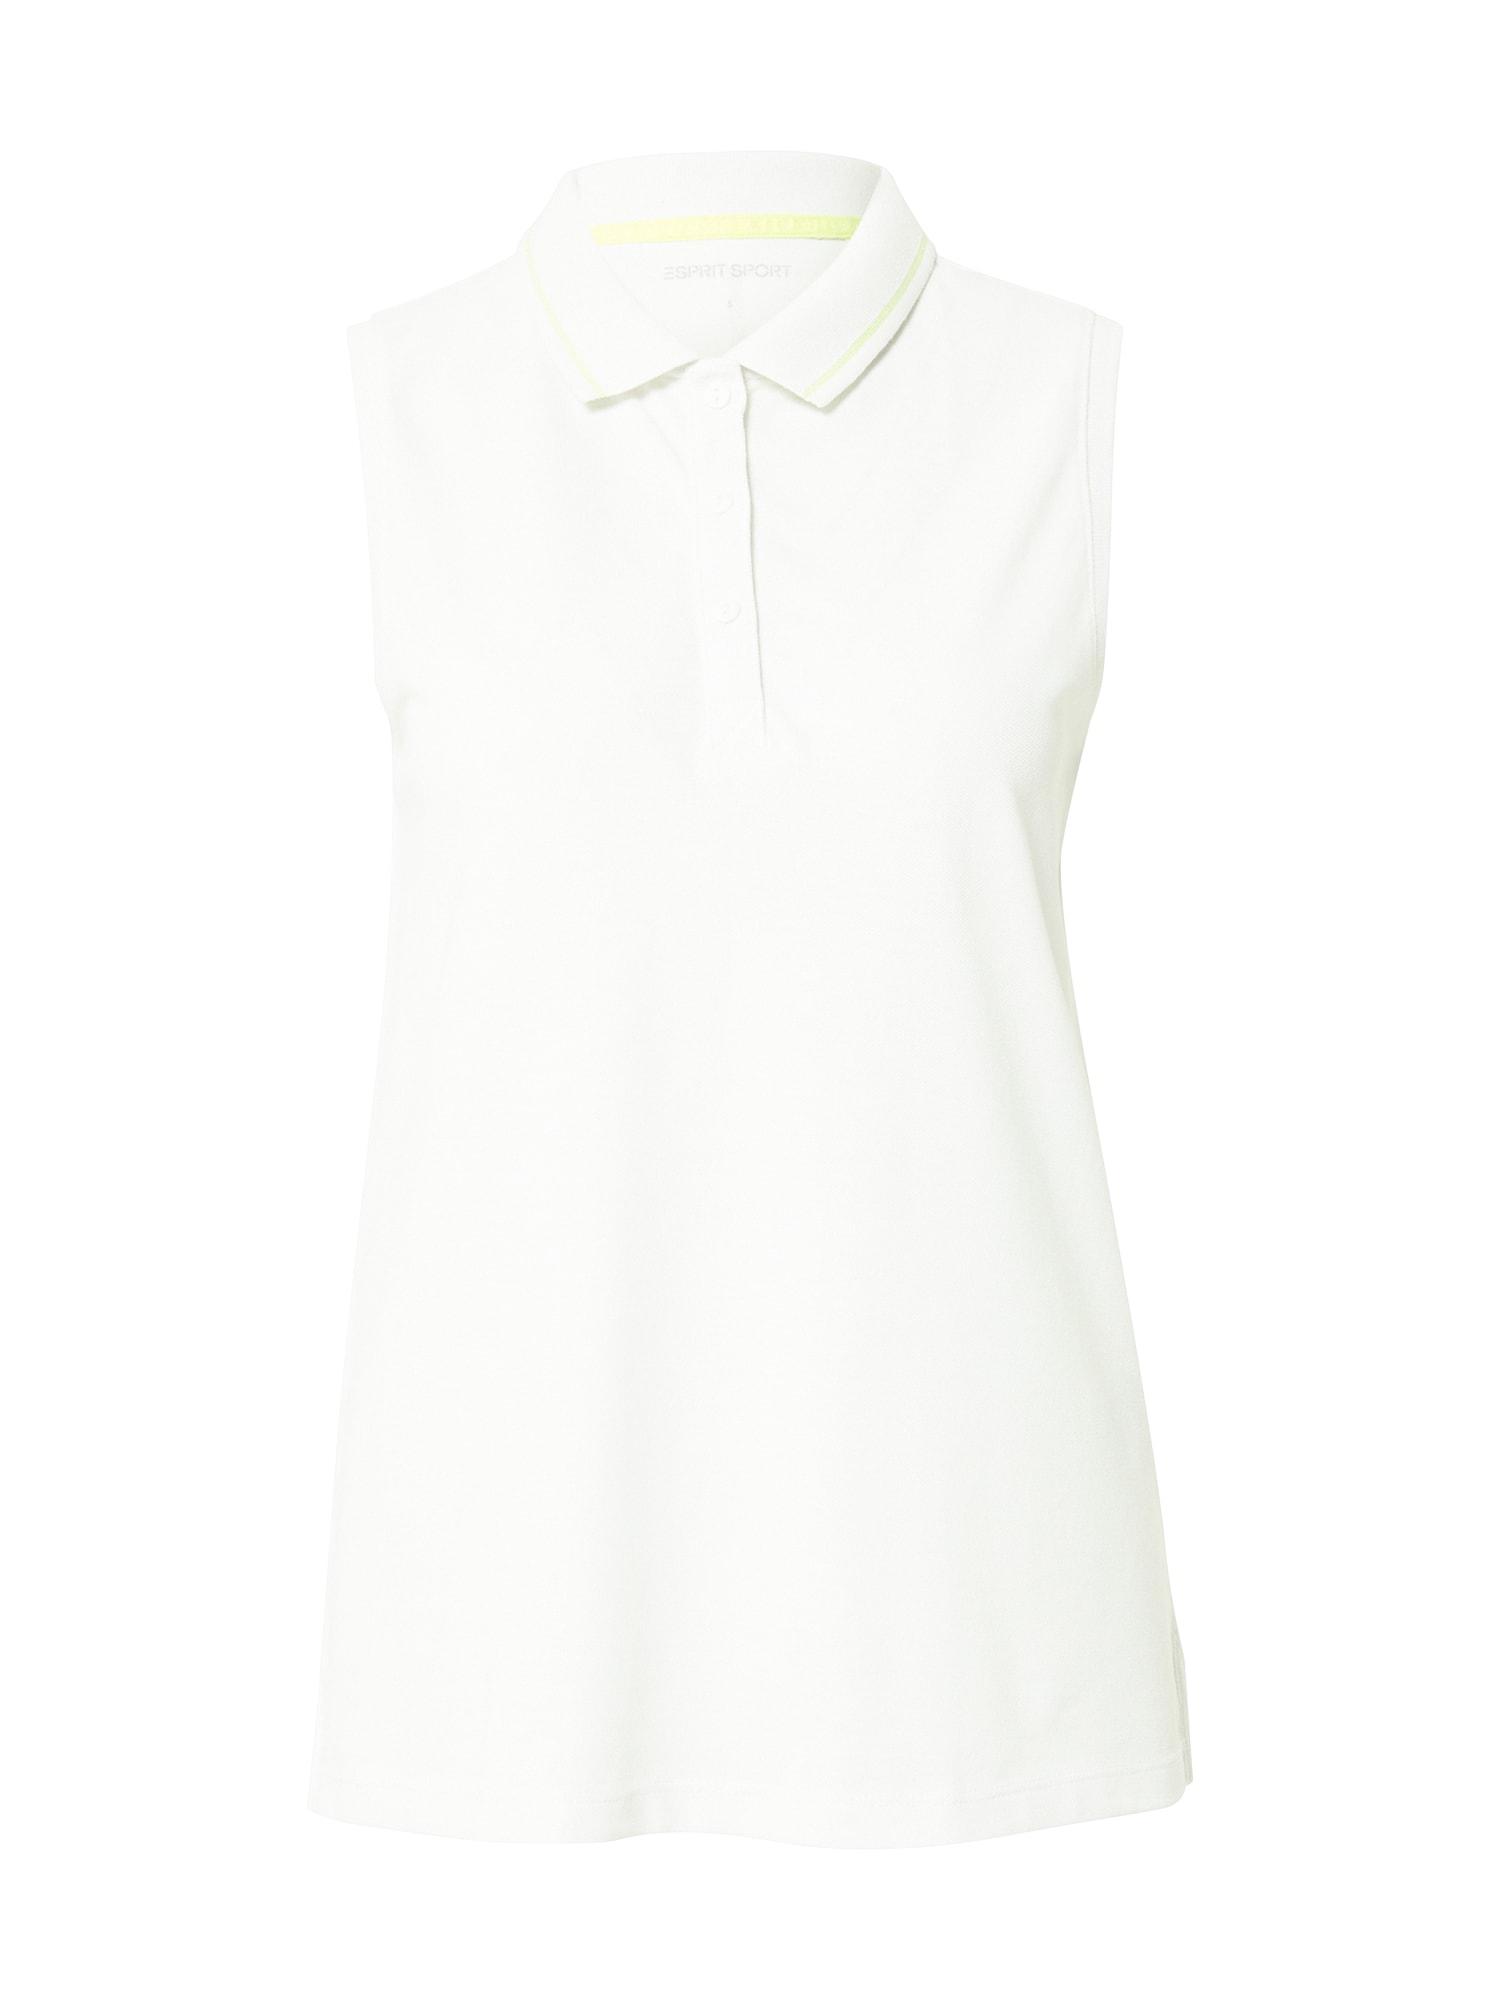 ESPRIT SPORT Sportiniai marškinėliai be rankovių balta / mėtų spalva